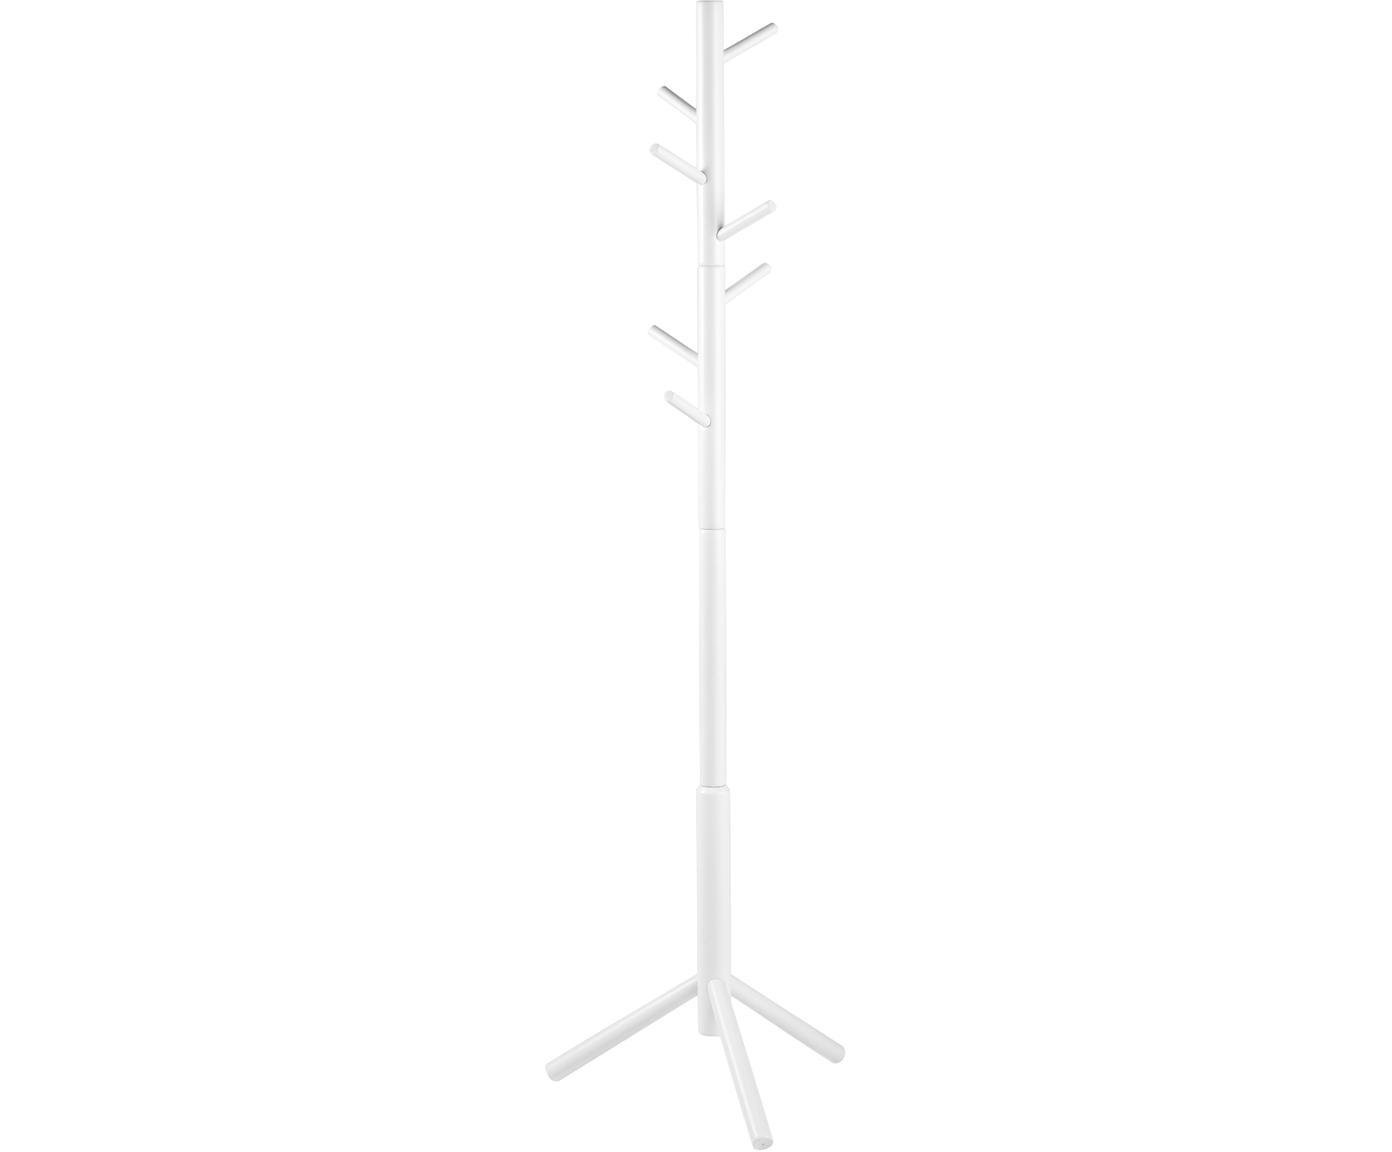 Kleiderständer Bremen aus Holz mit 6 Haken, Gummibaumholz, lackiert, Weiß, 51 x 176 cm